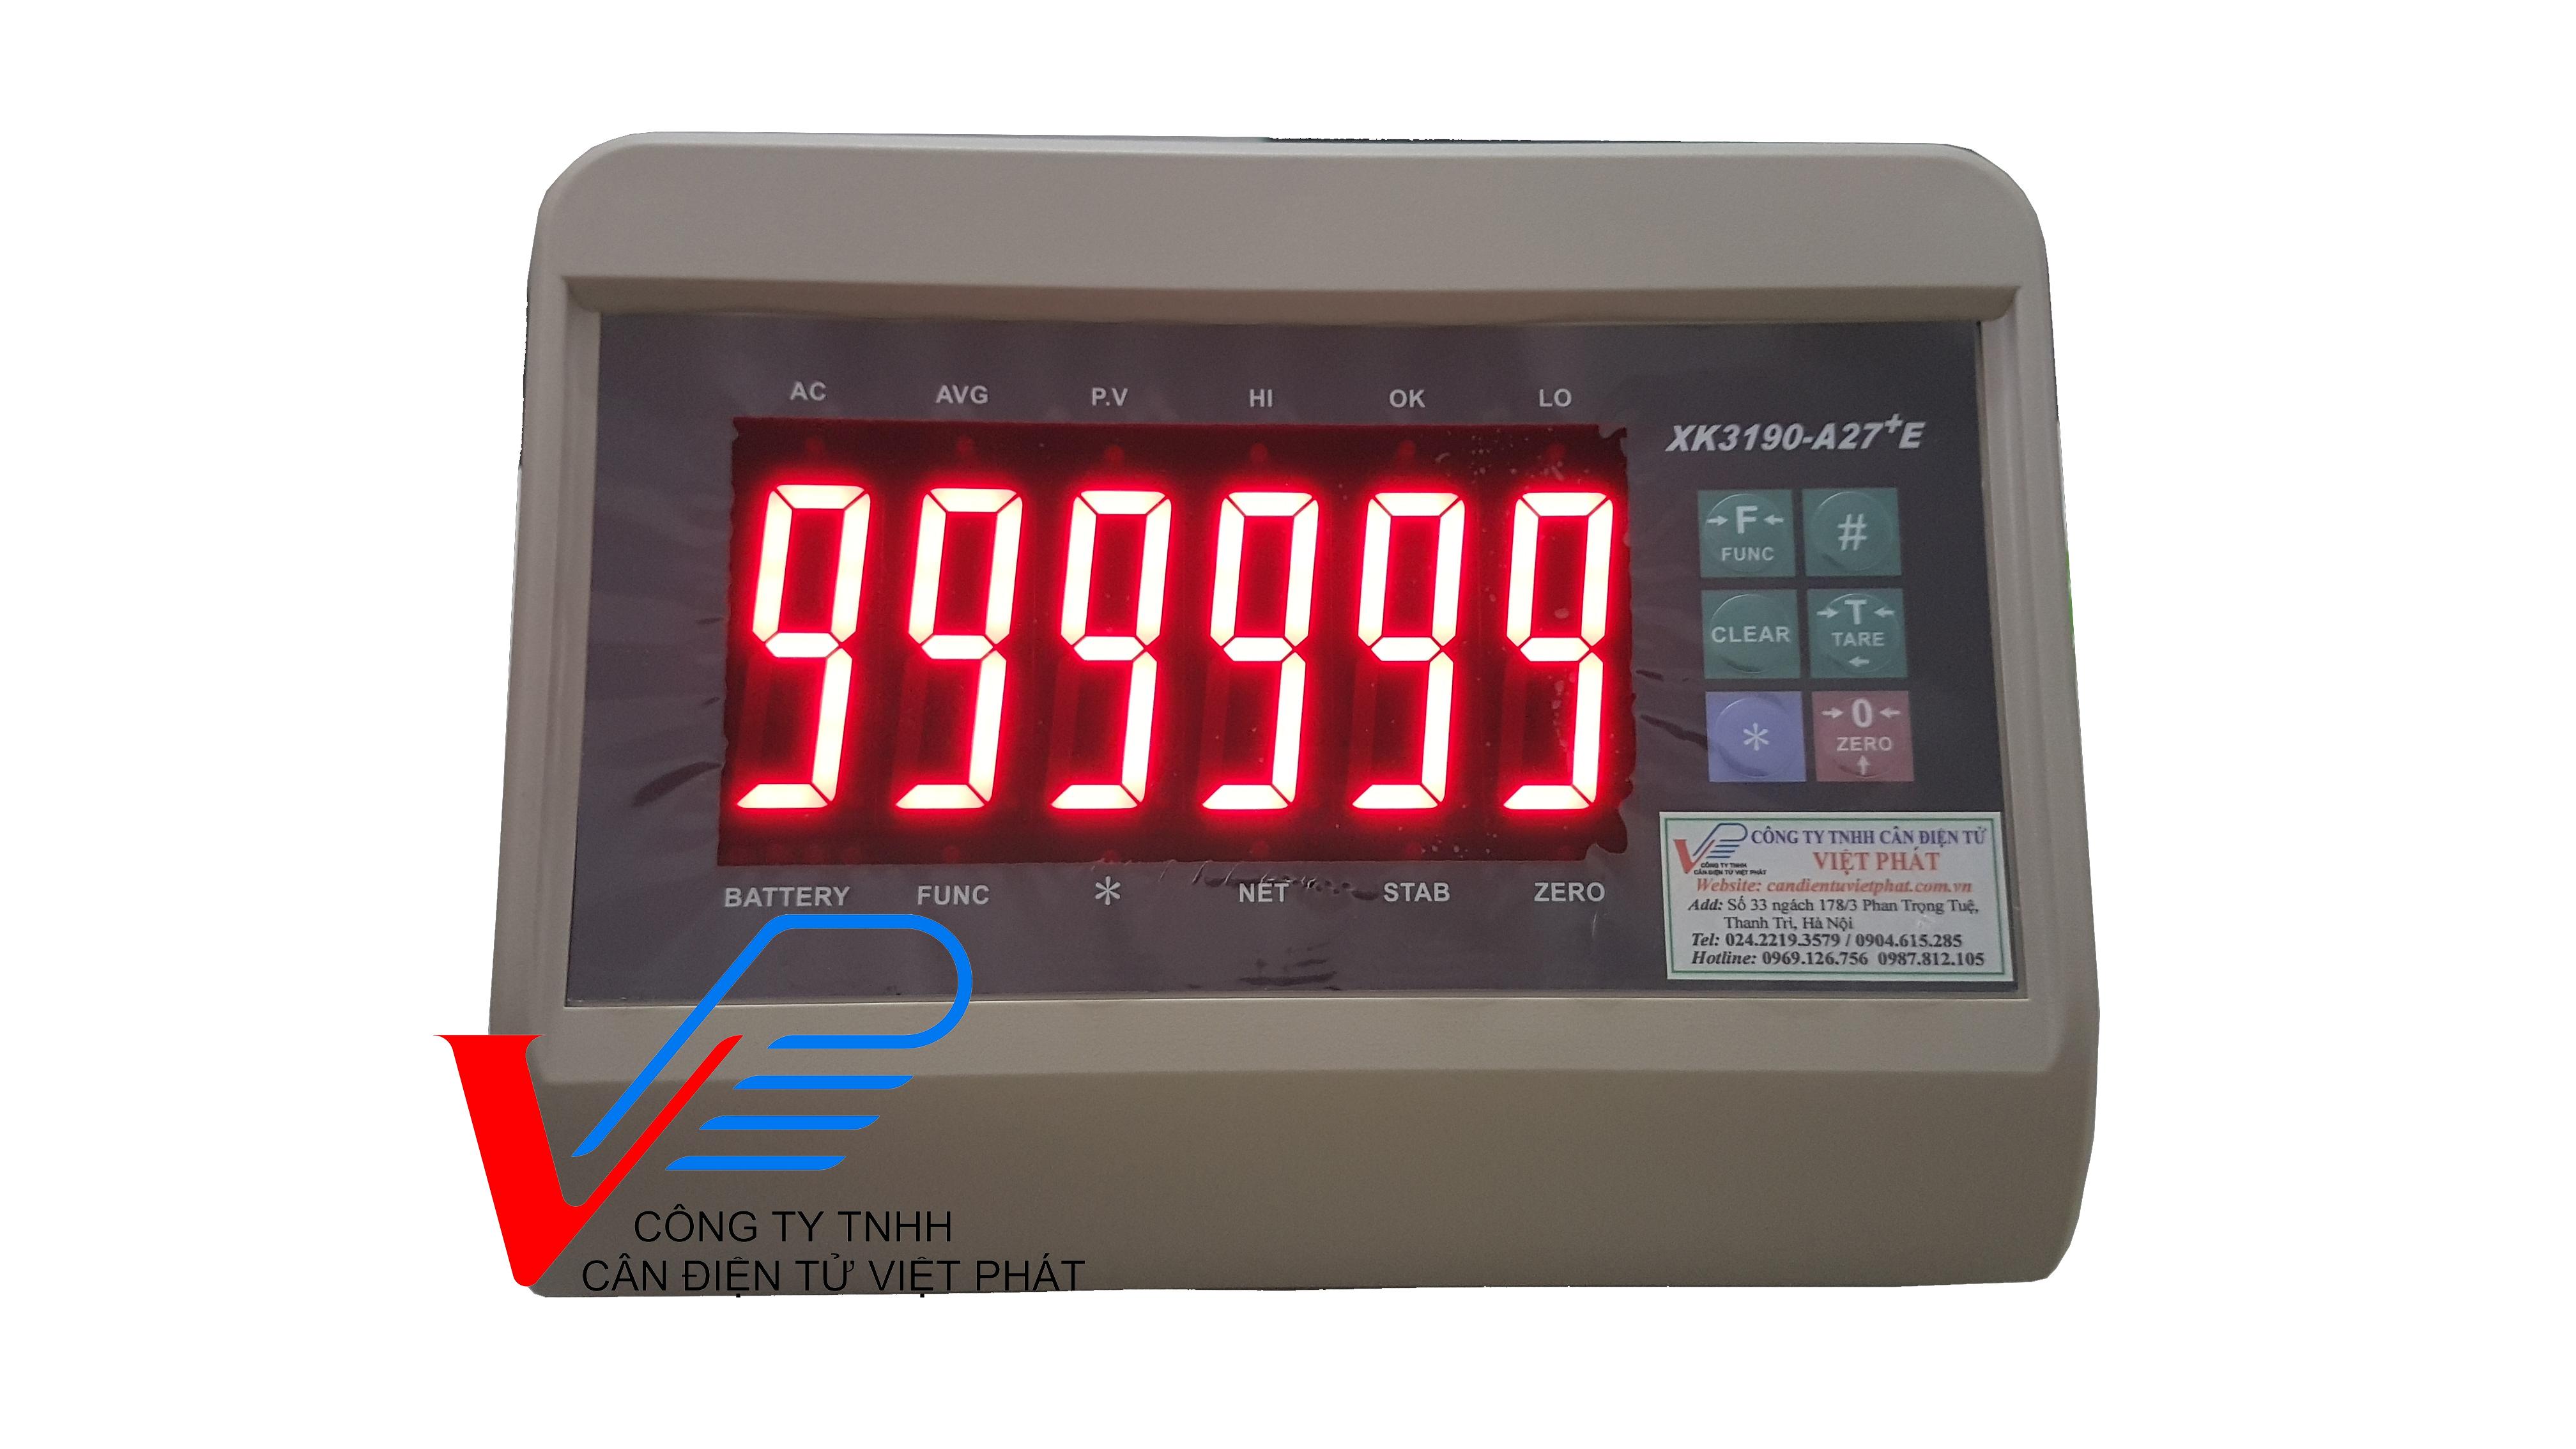 Bộ chỉ thị Xk3190A27E